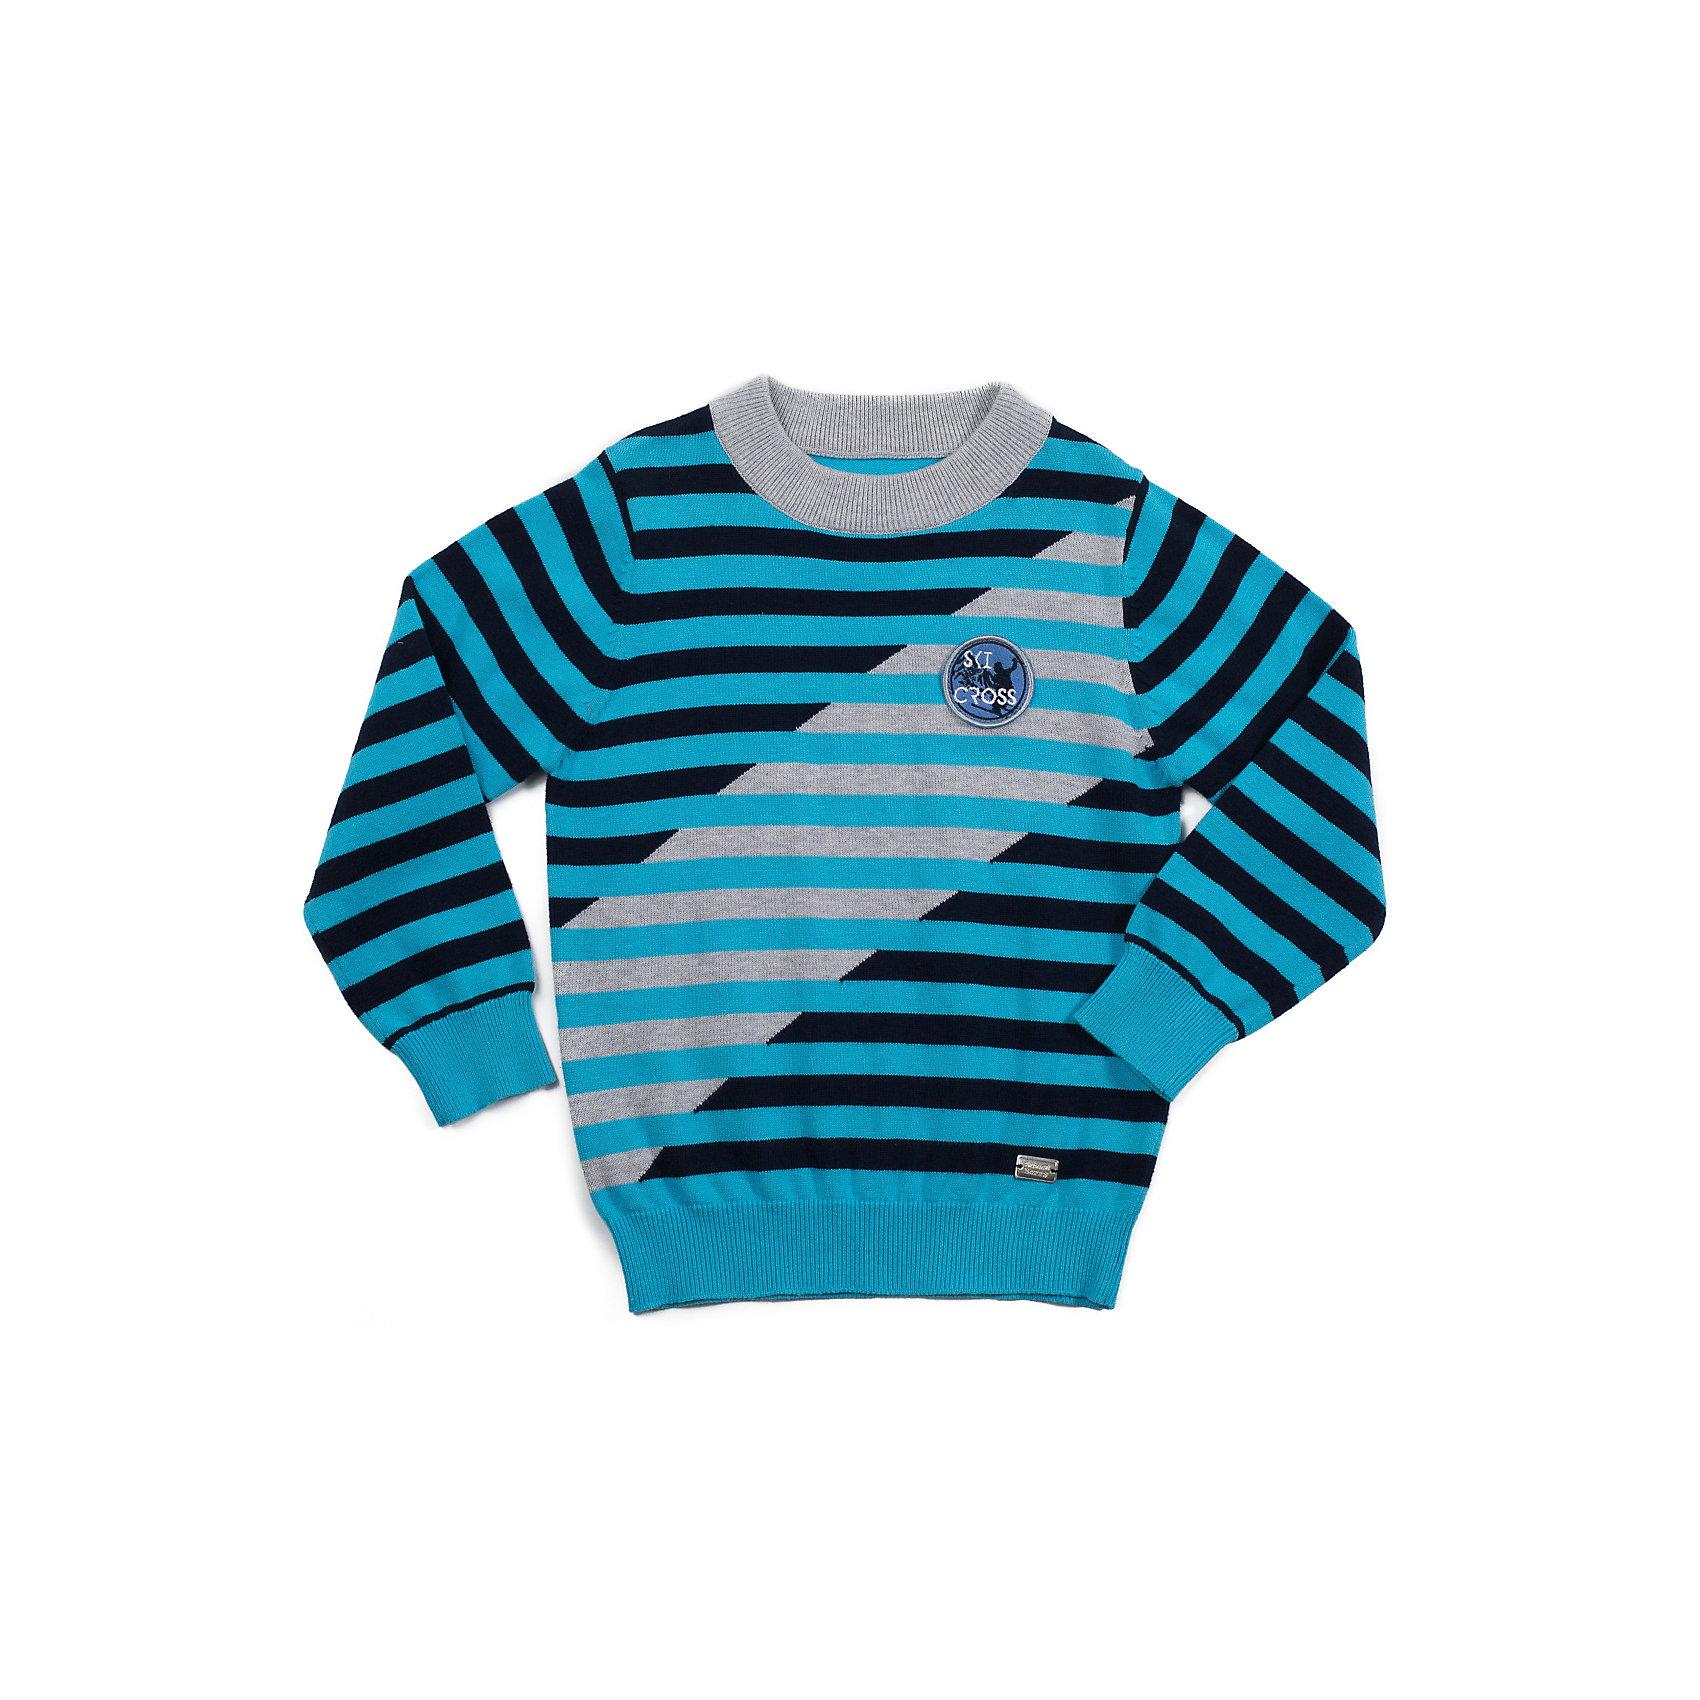 Свитер для мальчика Sweet BerryСвитера и кардиганы<br>Полосатый свитер украшенный шевроном.<br>Состав:<br>100% хлопок<br><br>Ширина мм: 190<br>Глубина мм: 74<br>Высота мм: 229<br>Вес г: 236<br>Цвет: разноцветный<br>Возраст от месяцев: 36<br>Возраст до месяцев: 48<br>Пол: Мужской<br>Возраст: Детский<br>Размер: 104,98,122,128,116,110<br>SKU: 4273452